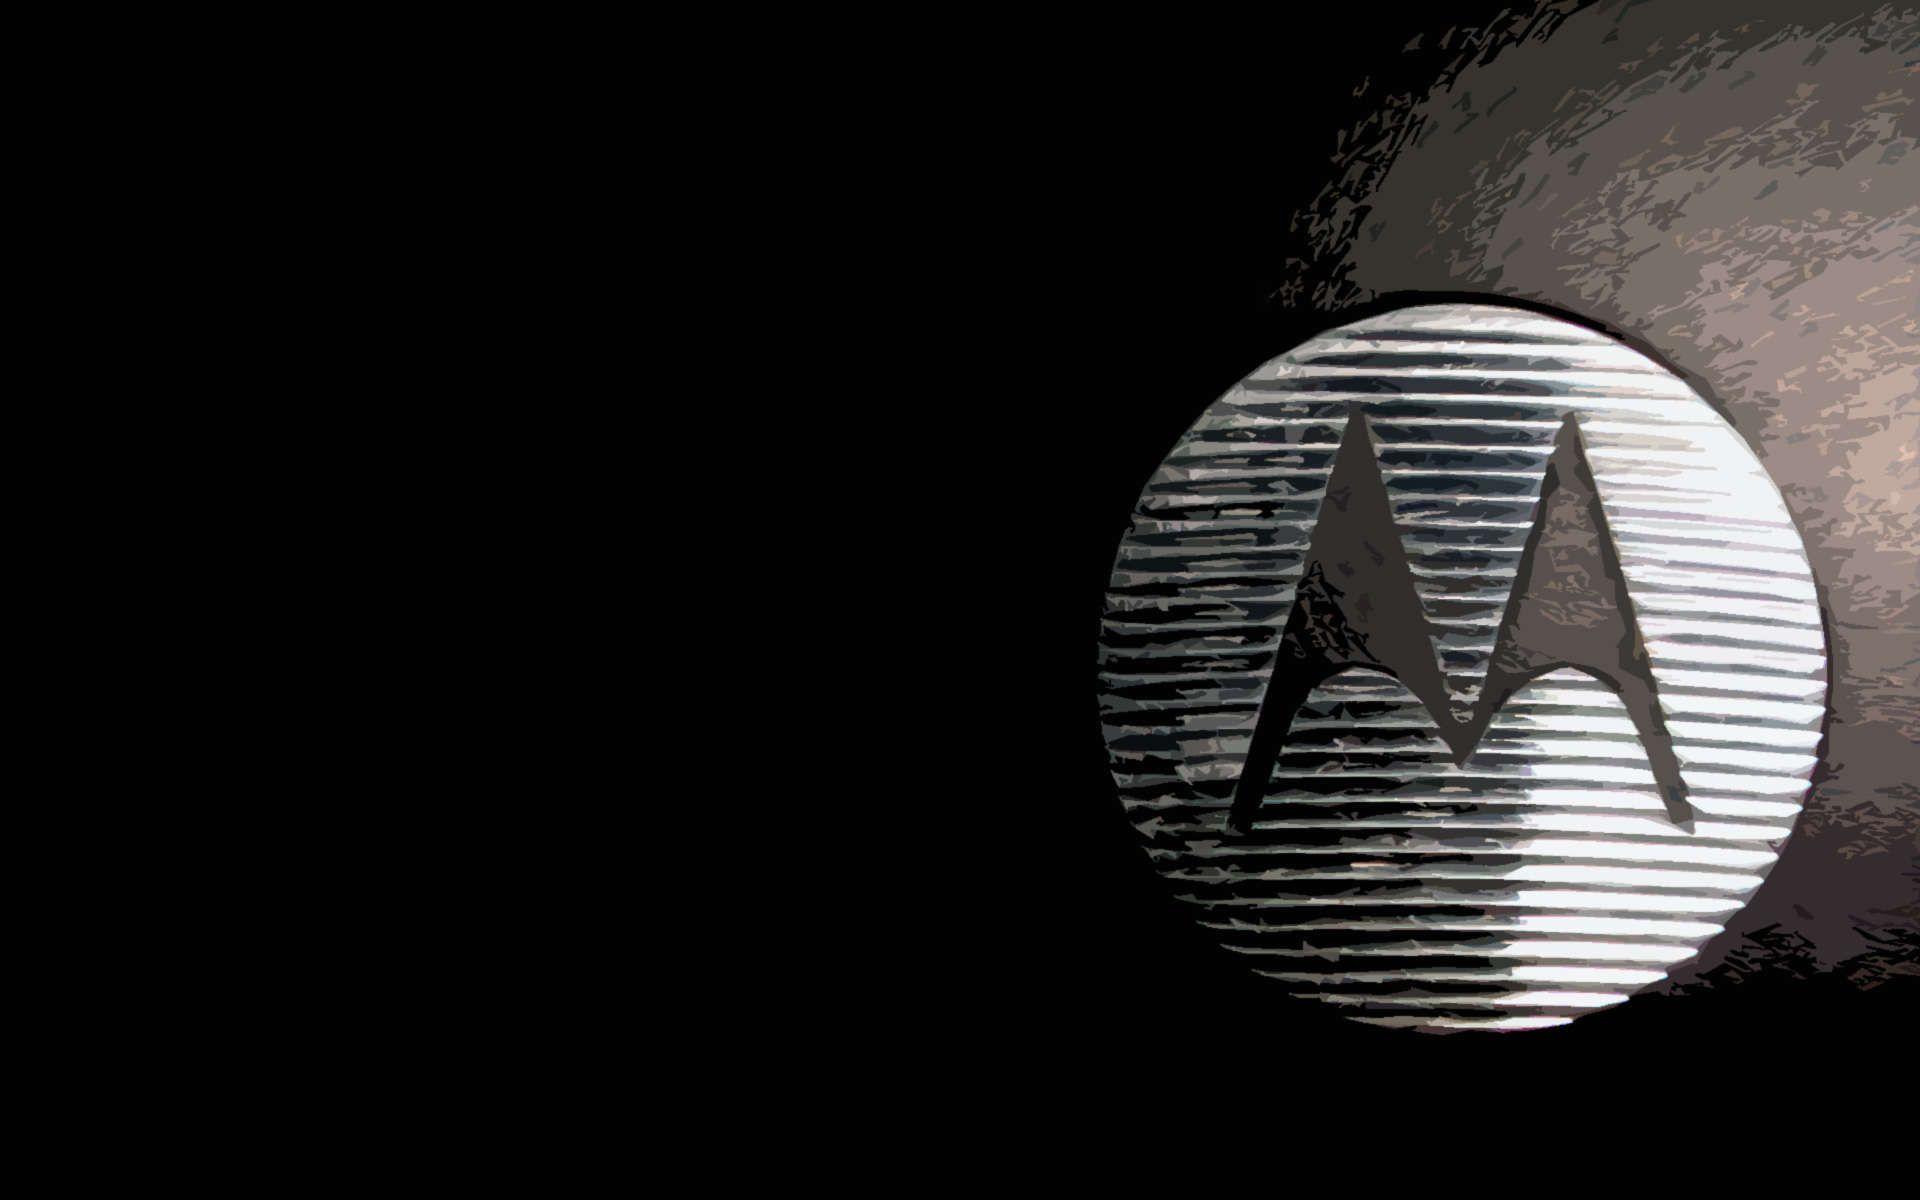 Motorola Wallpapers Motorola Wallpapers Hd Wallpaper Soft Wallpaper